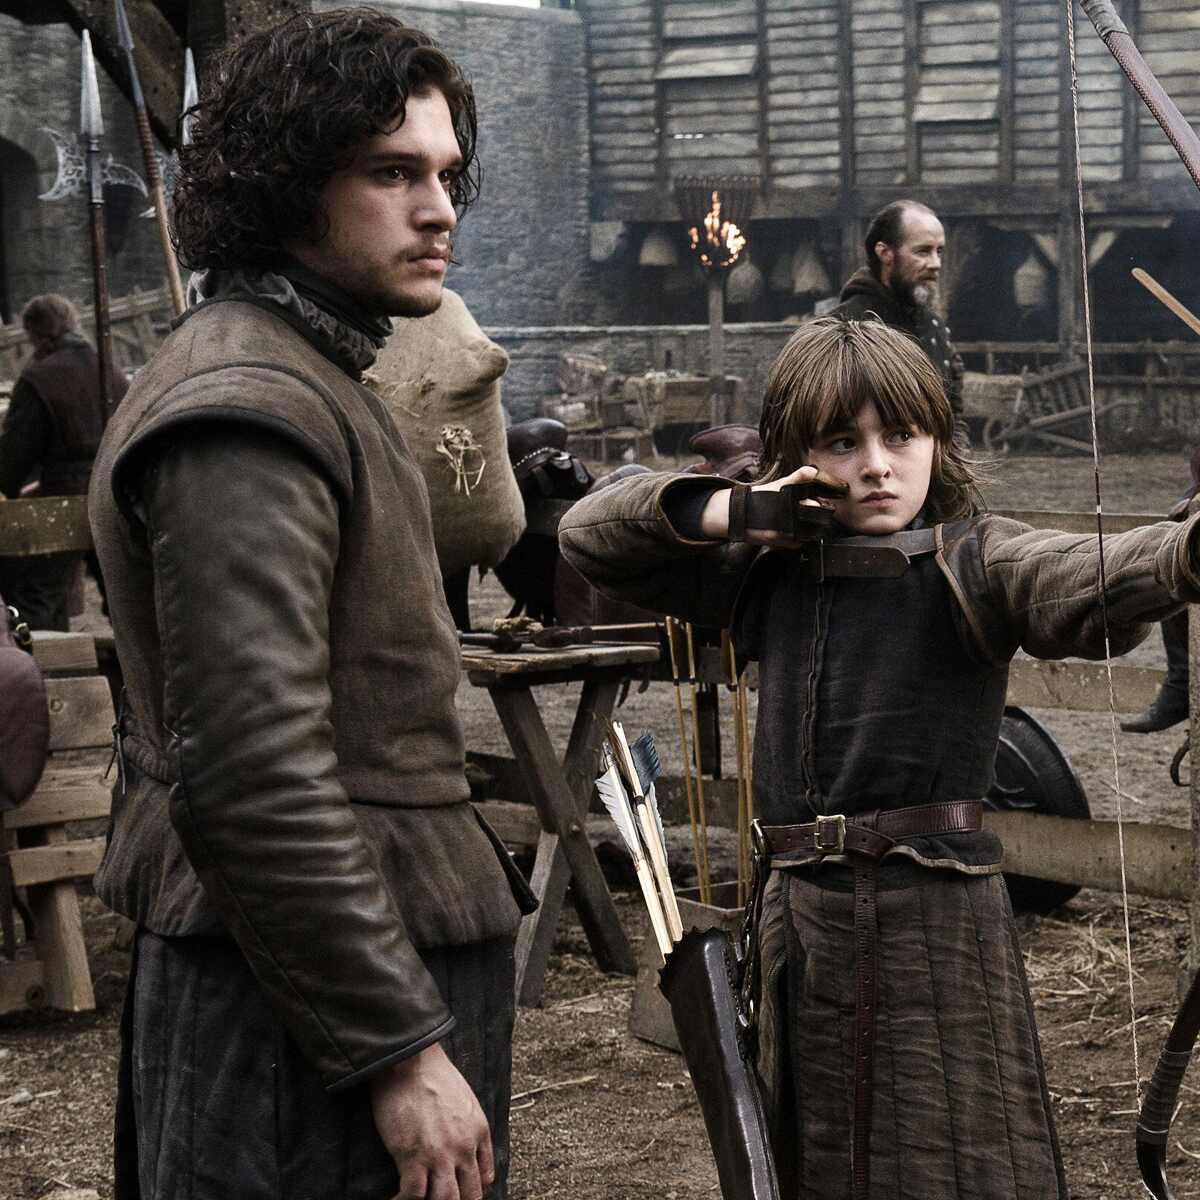 Kit Harrington, Richard Madden, Isaac Hempstead-Wright, Game of Thrones